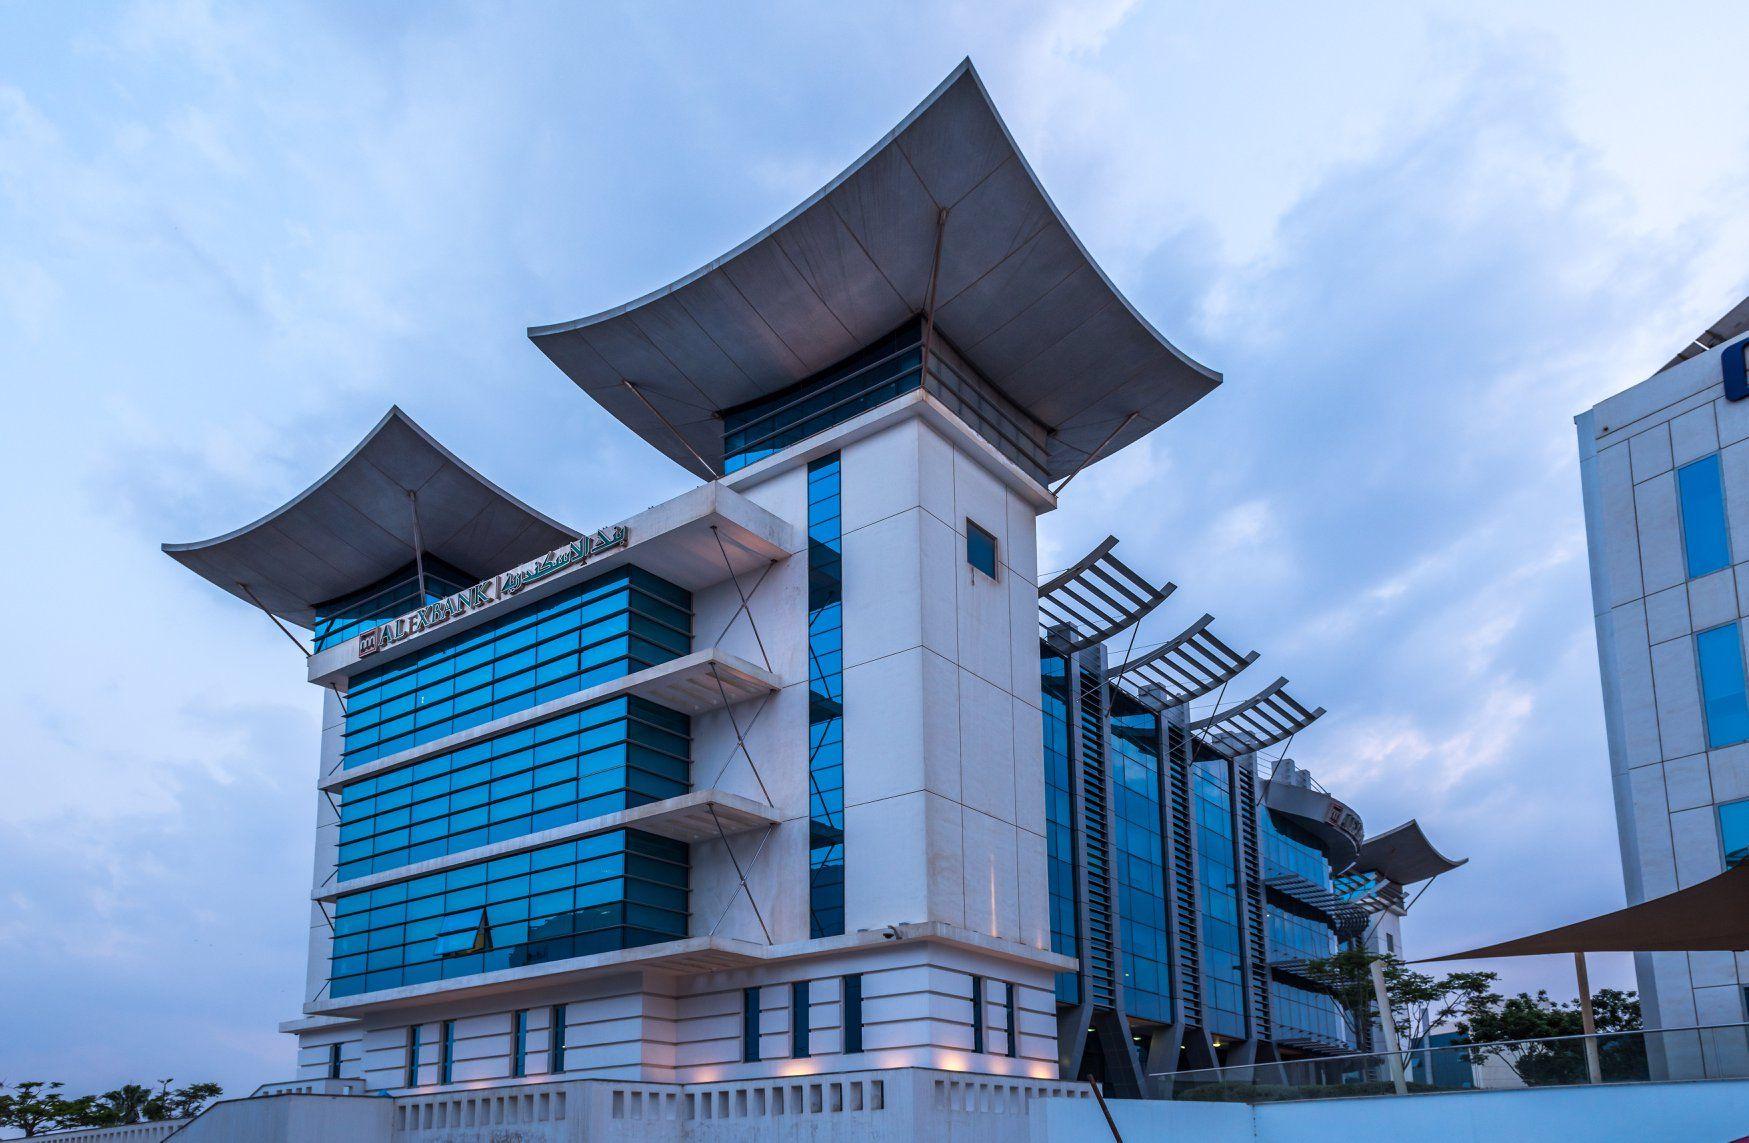 القرية الذكية مدينة 6 اكتوبر Egypt Building Structures